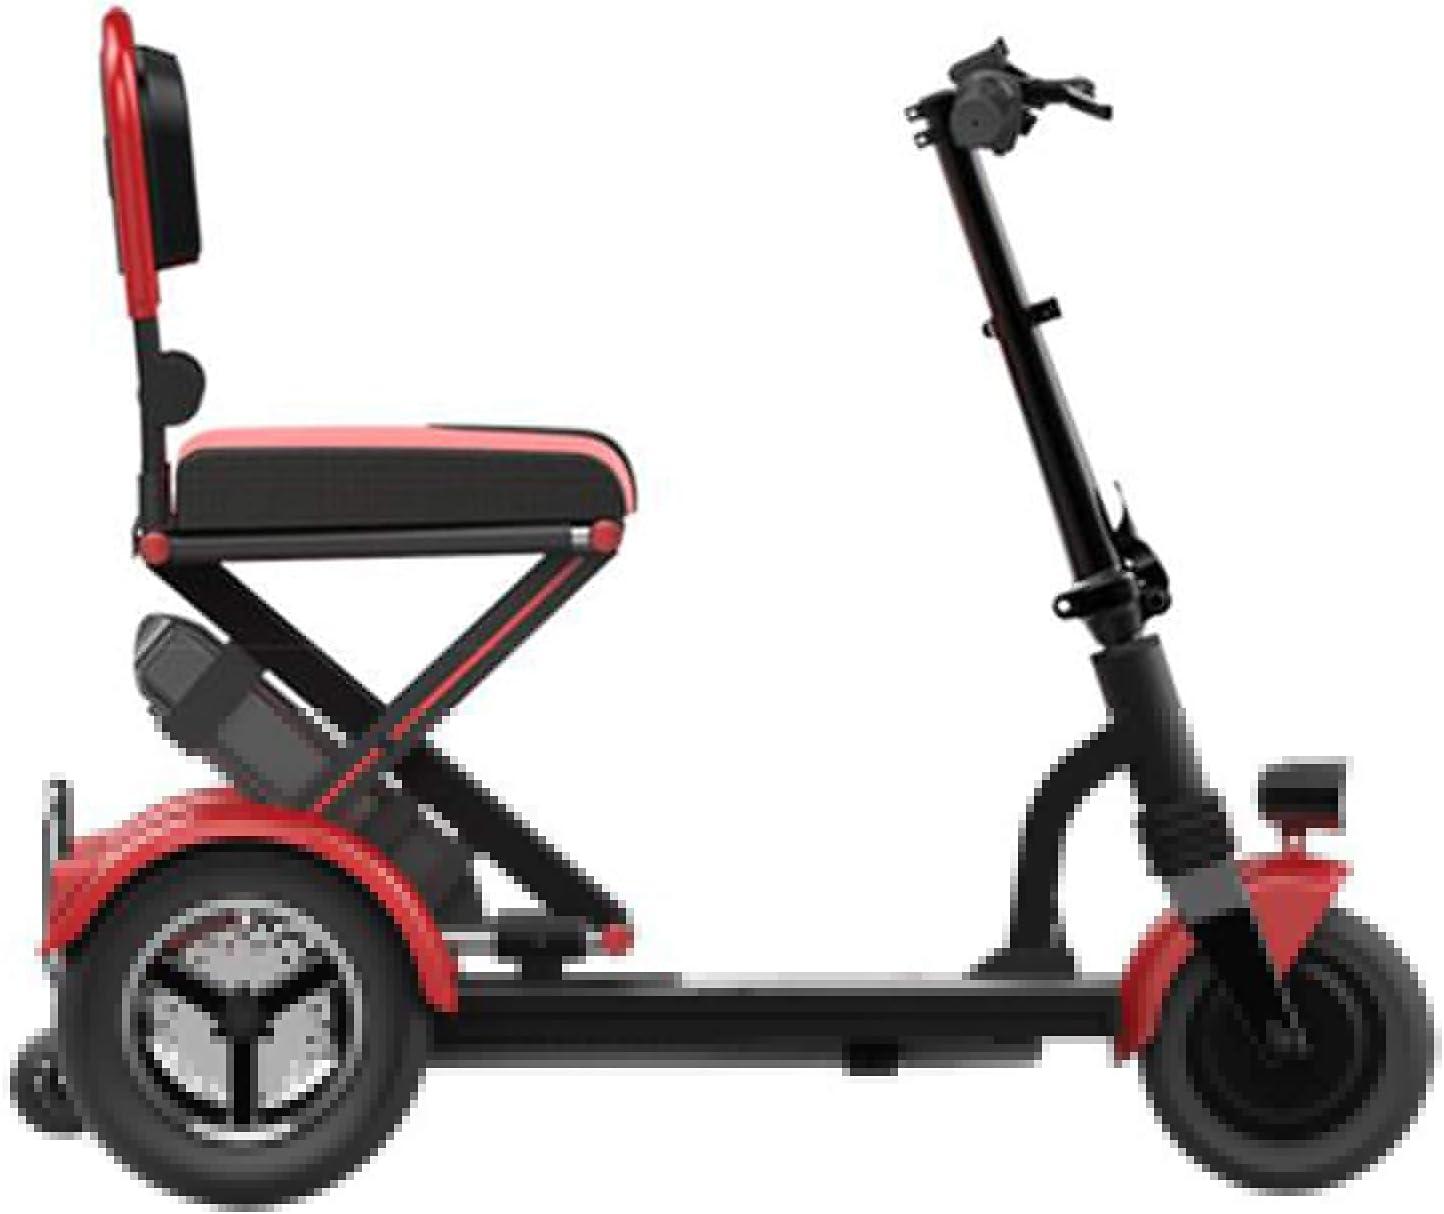 Carros médicos eléctricos motorizados Movilidad Plegable y Liviana; Tsroller-3-Wheel ; R Adultos Mayores, discapacitados o discapacitados